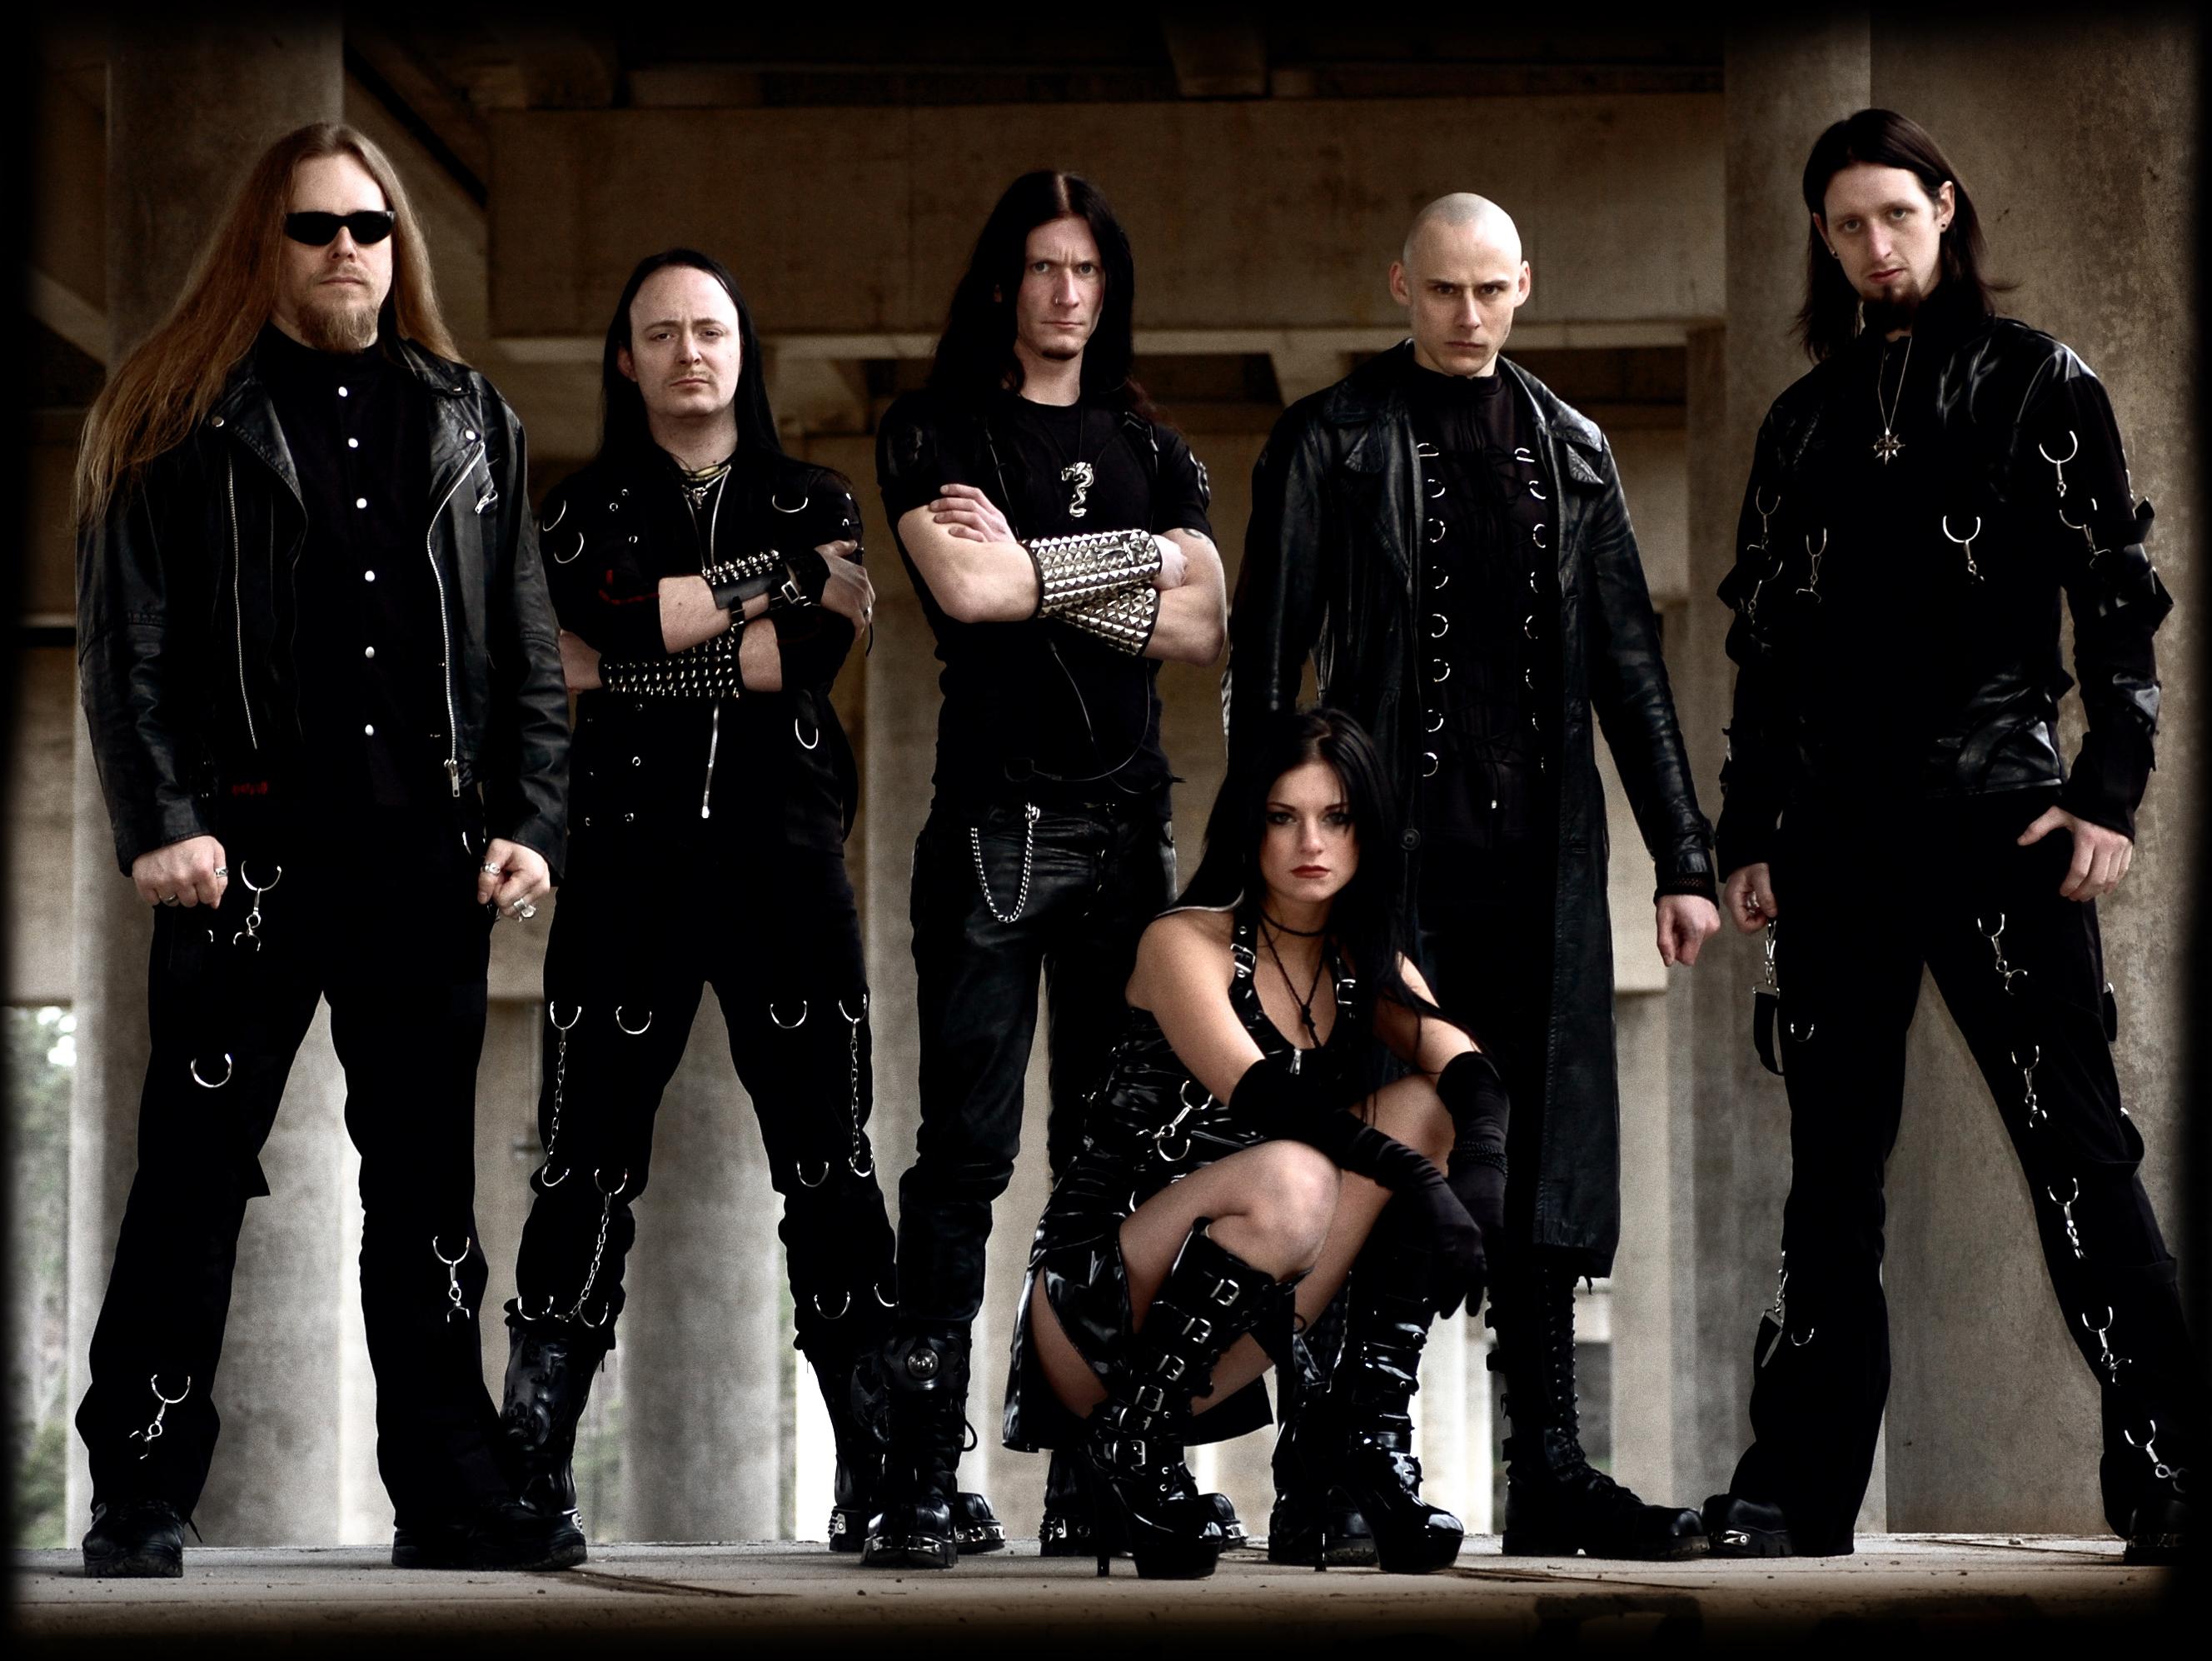 SIEBENBURGEN black gothic metal heavy hard rock r